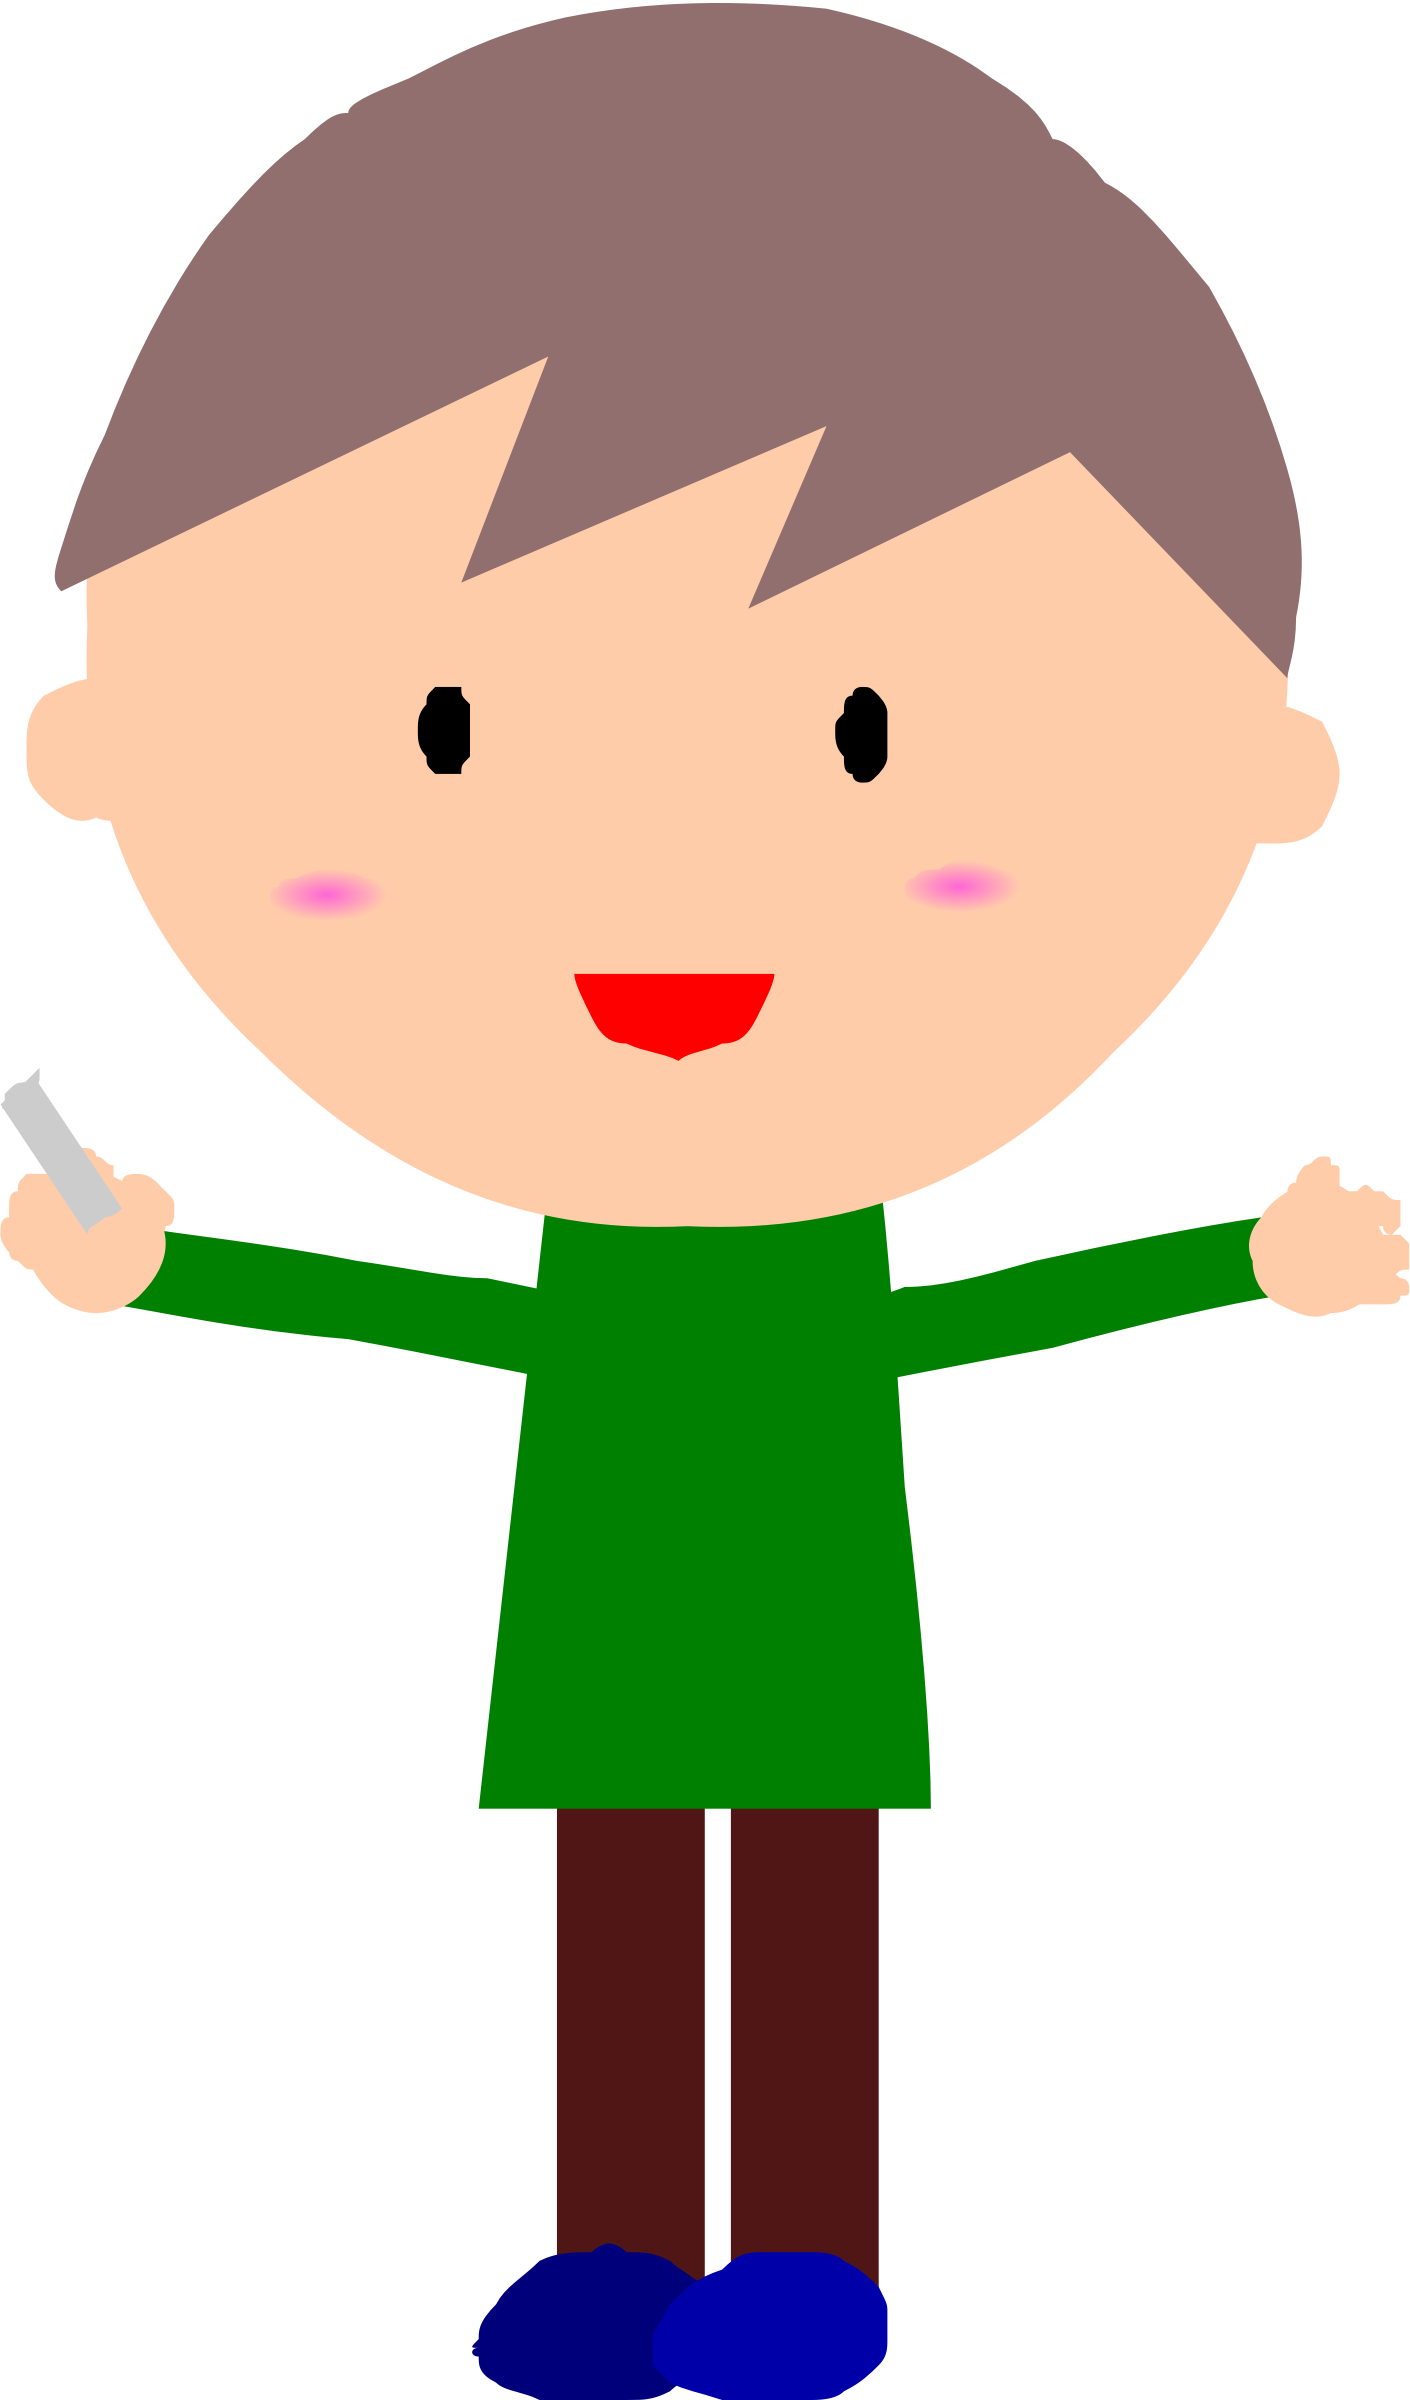 Animated clipart teacher, Animated teacher Transparent FREE.